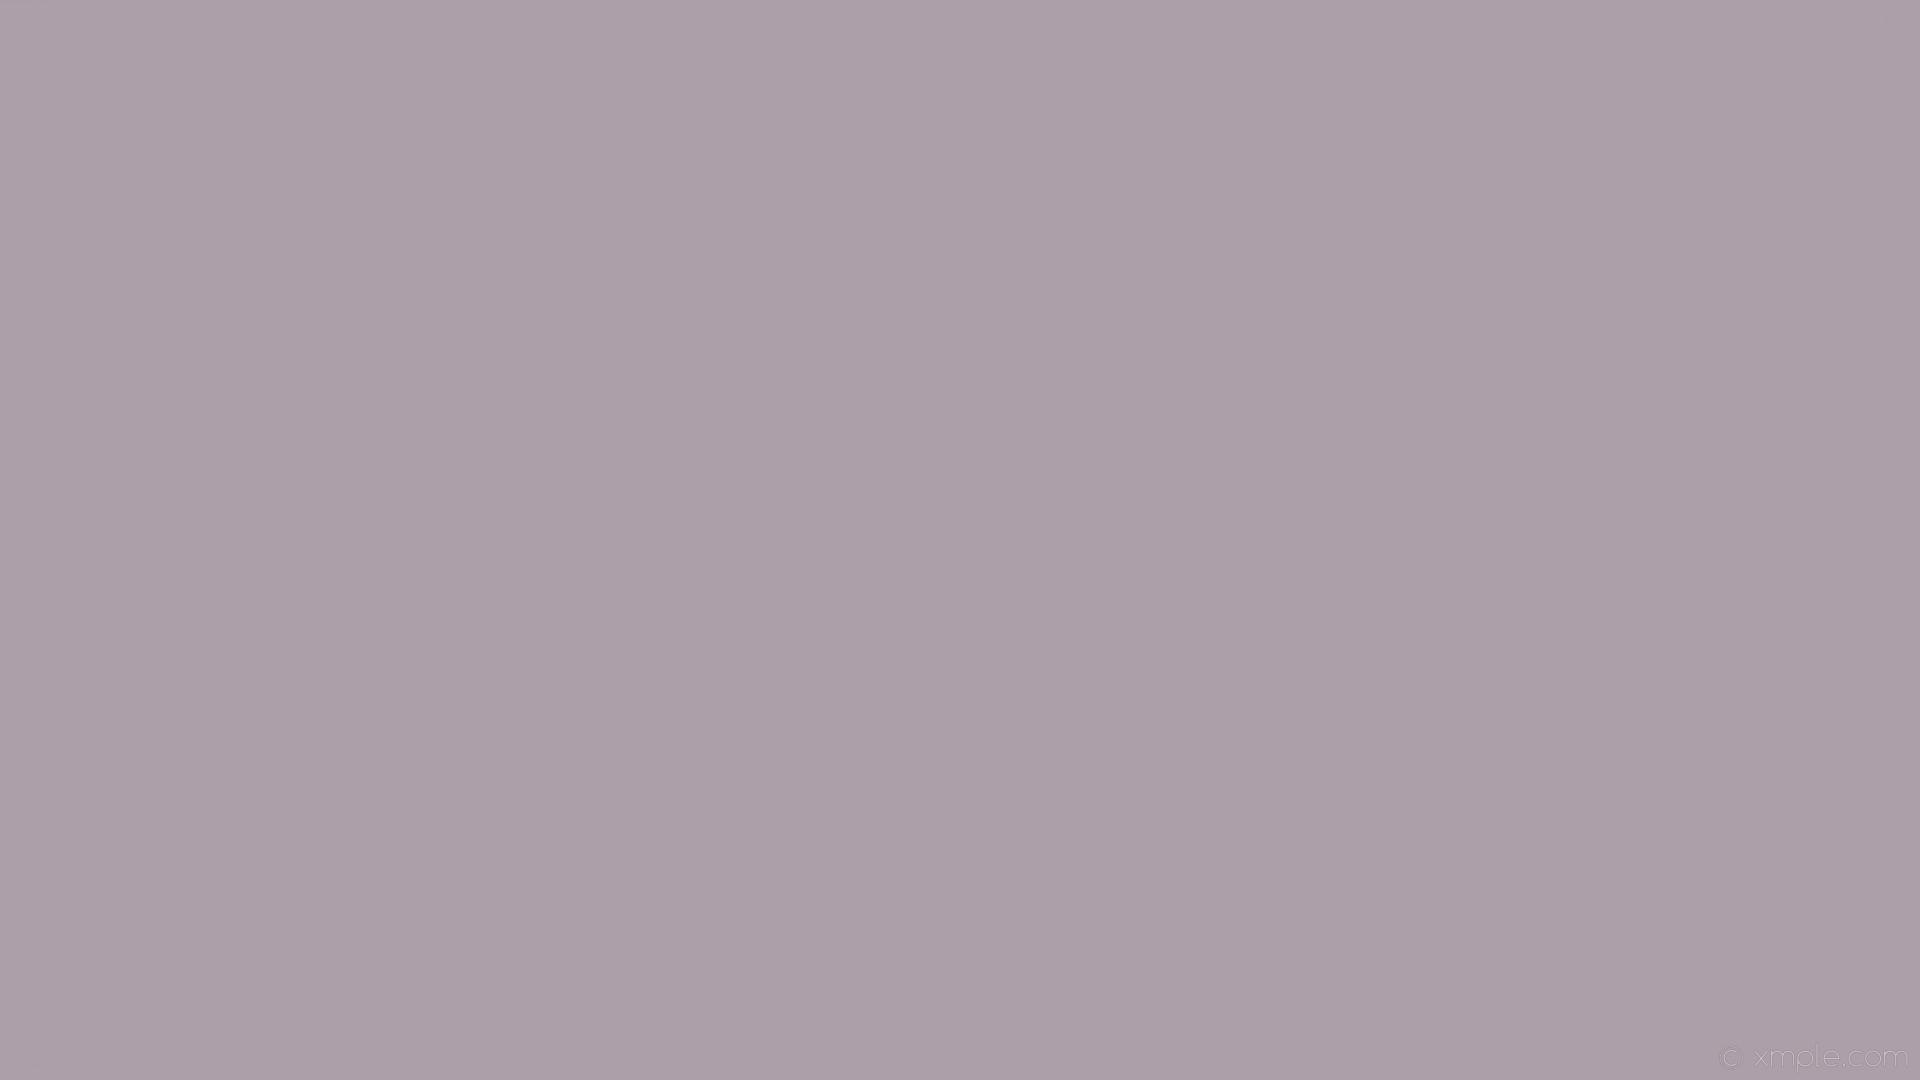 wallpaper gray plain single one colour solid color #ad9faa